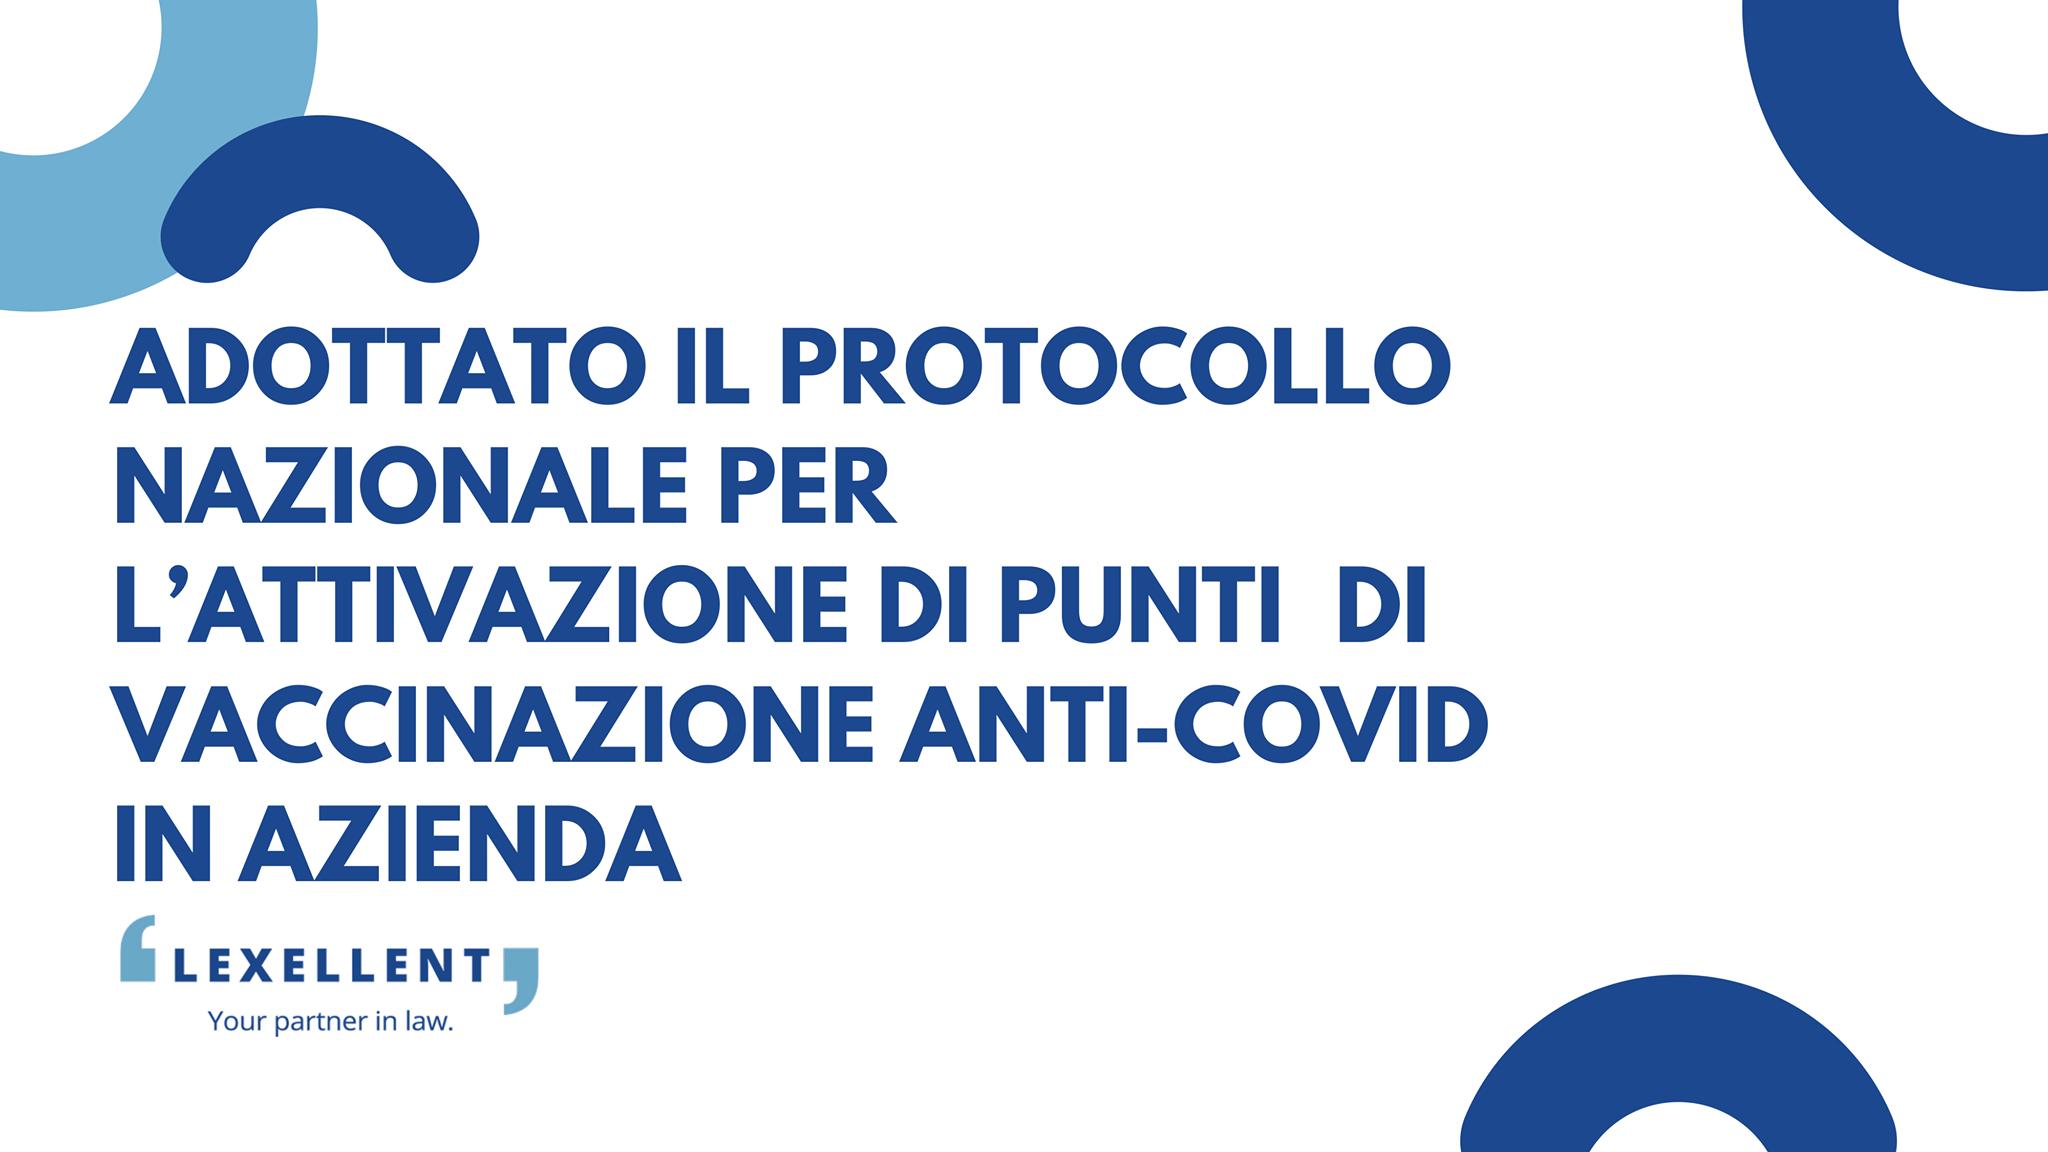 Adottato il protocollo nazionale per l'attivazione di punti di vaccinazione anti-covid in azienda